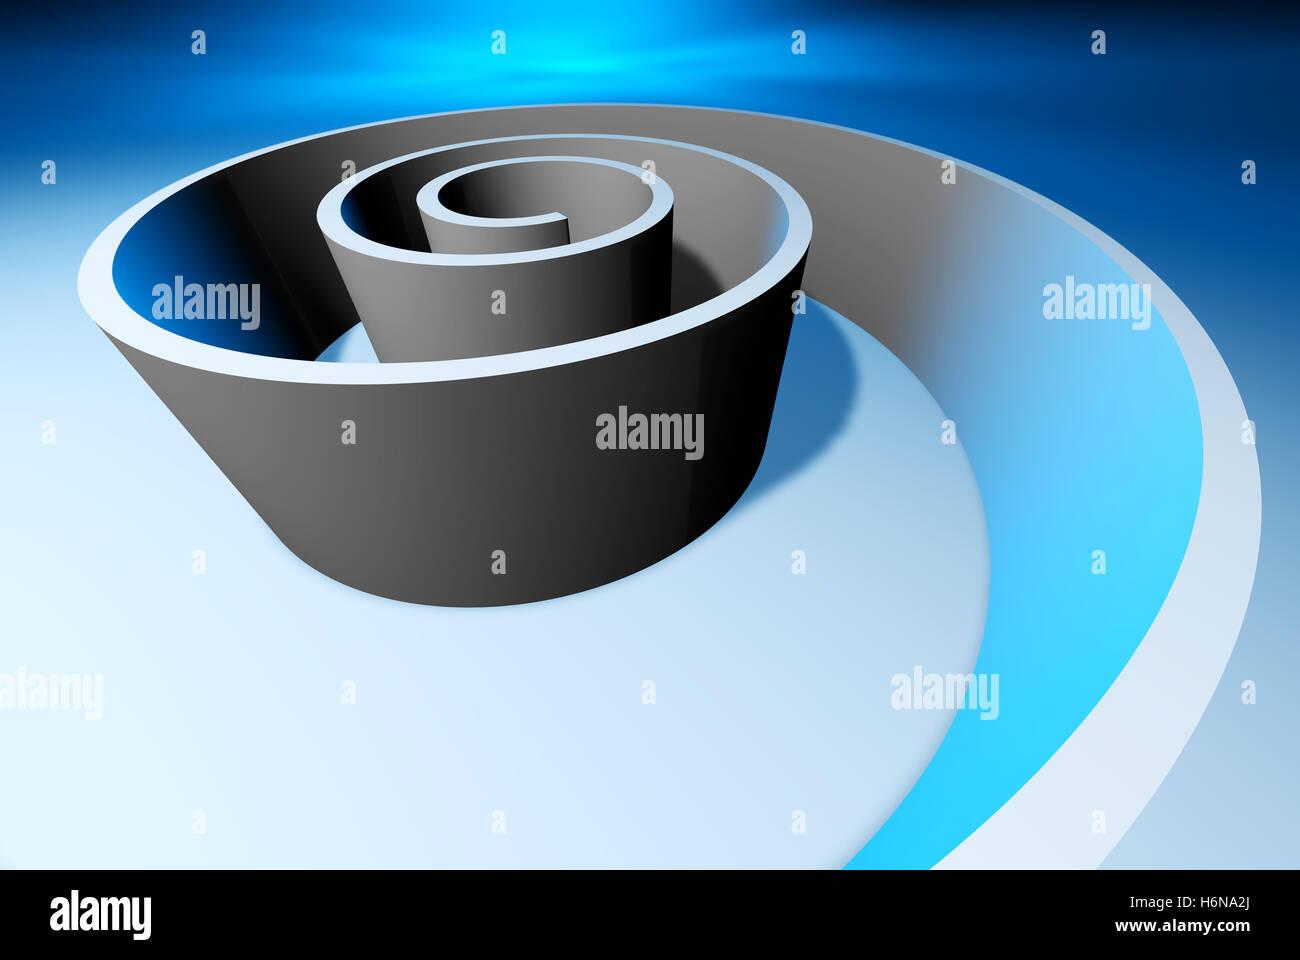 spiral b - Stock Image